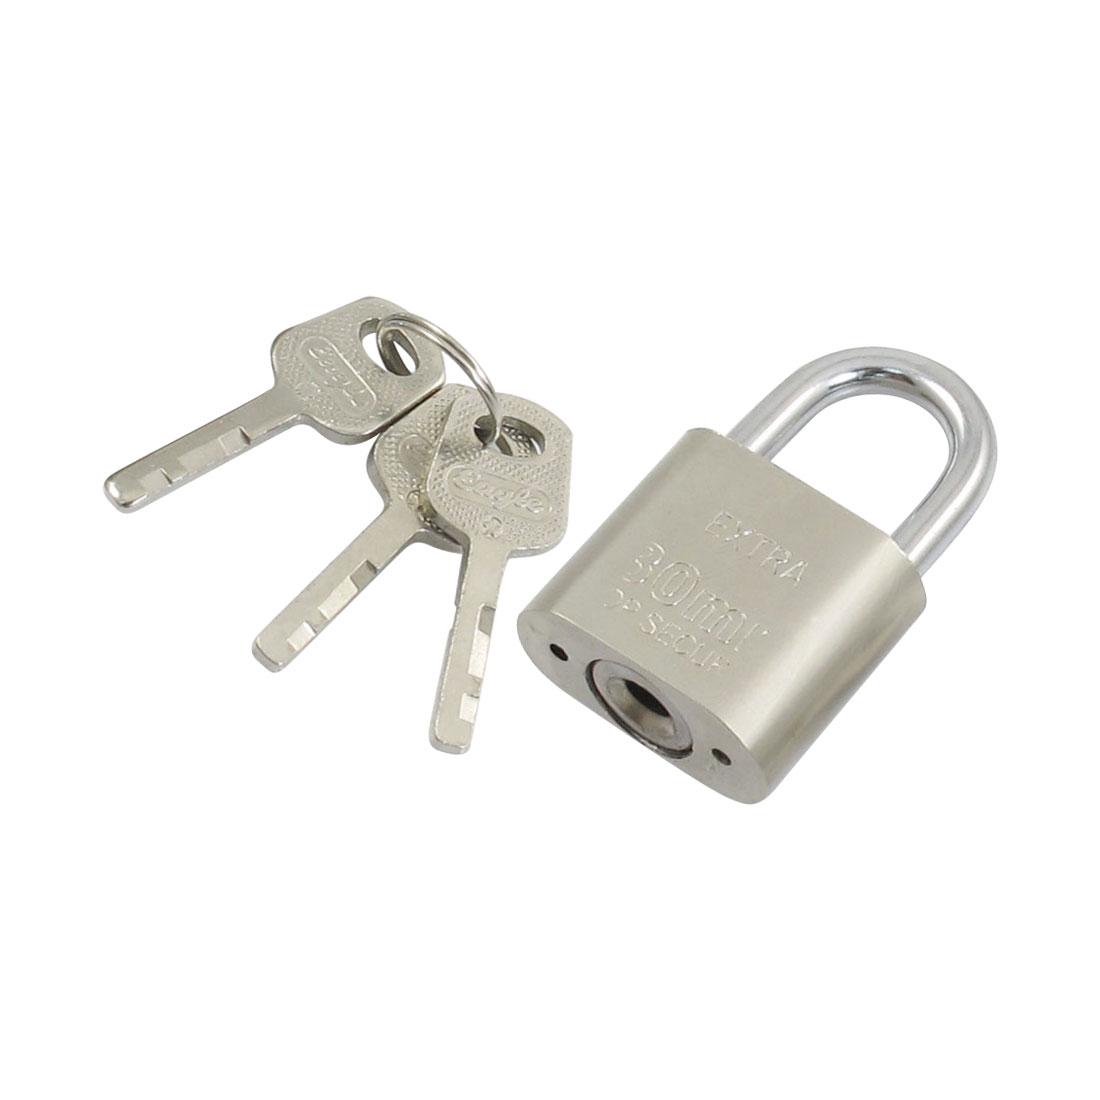 Silver Tone Security Lock Padlock for Jewlery Box w 3 Keys